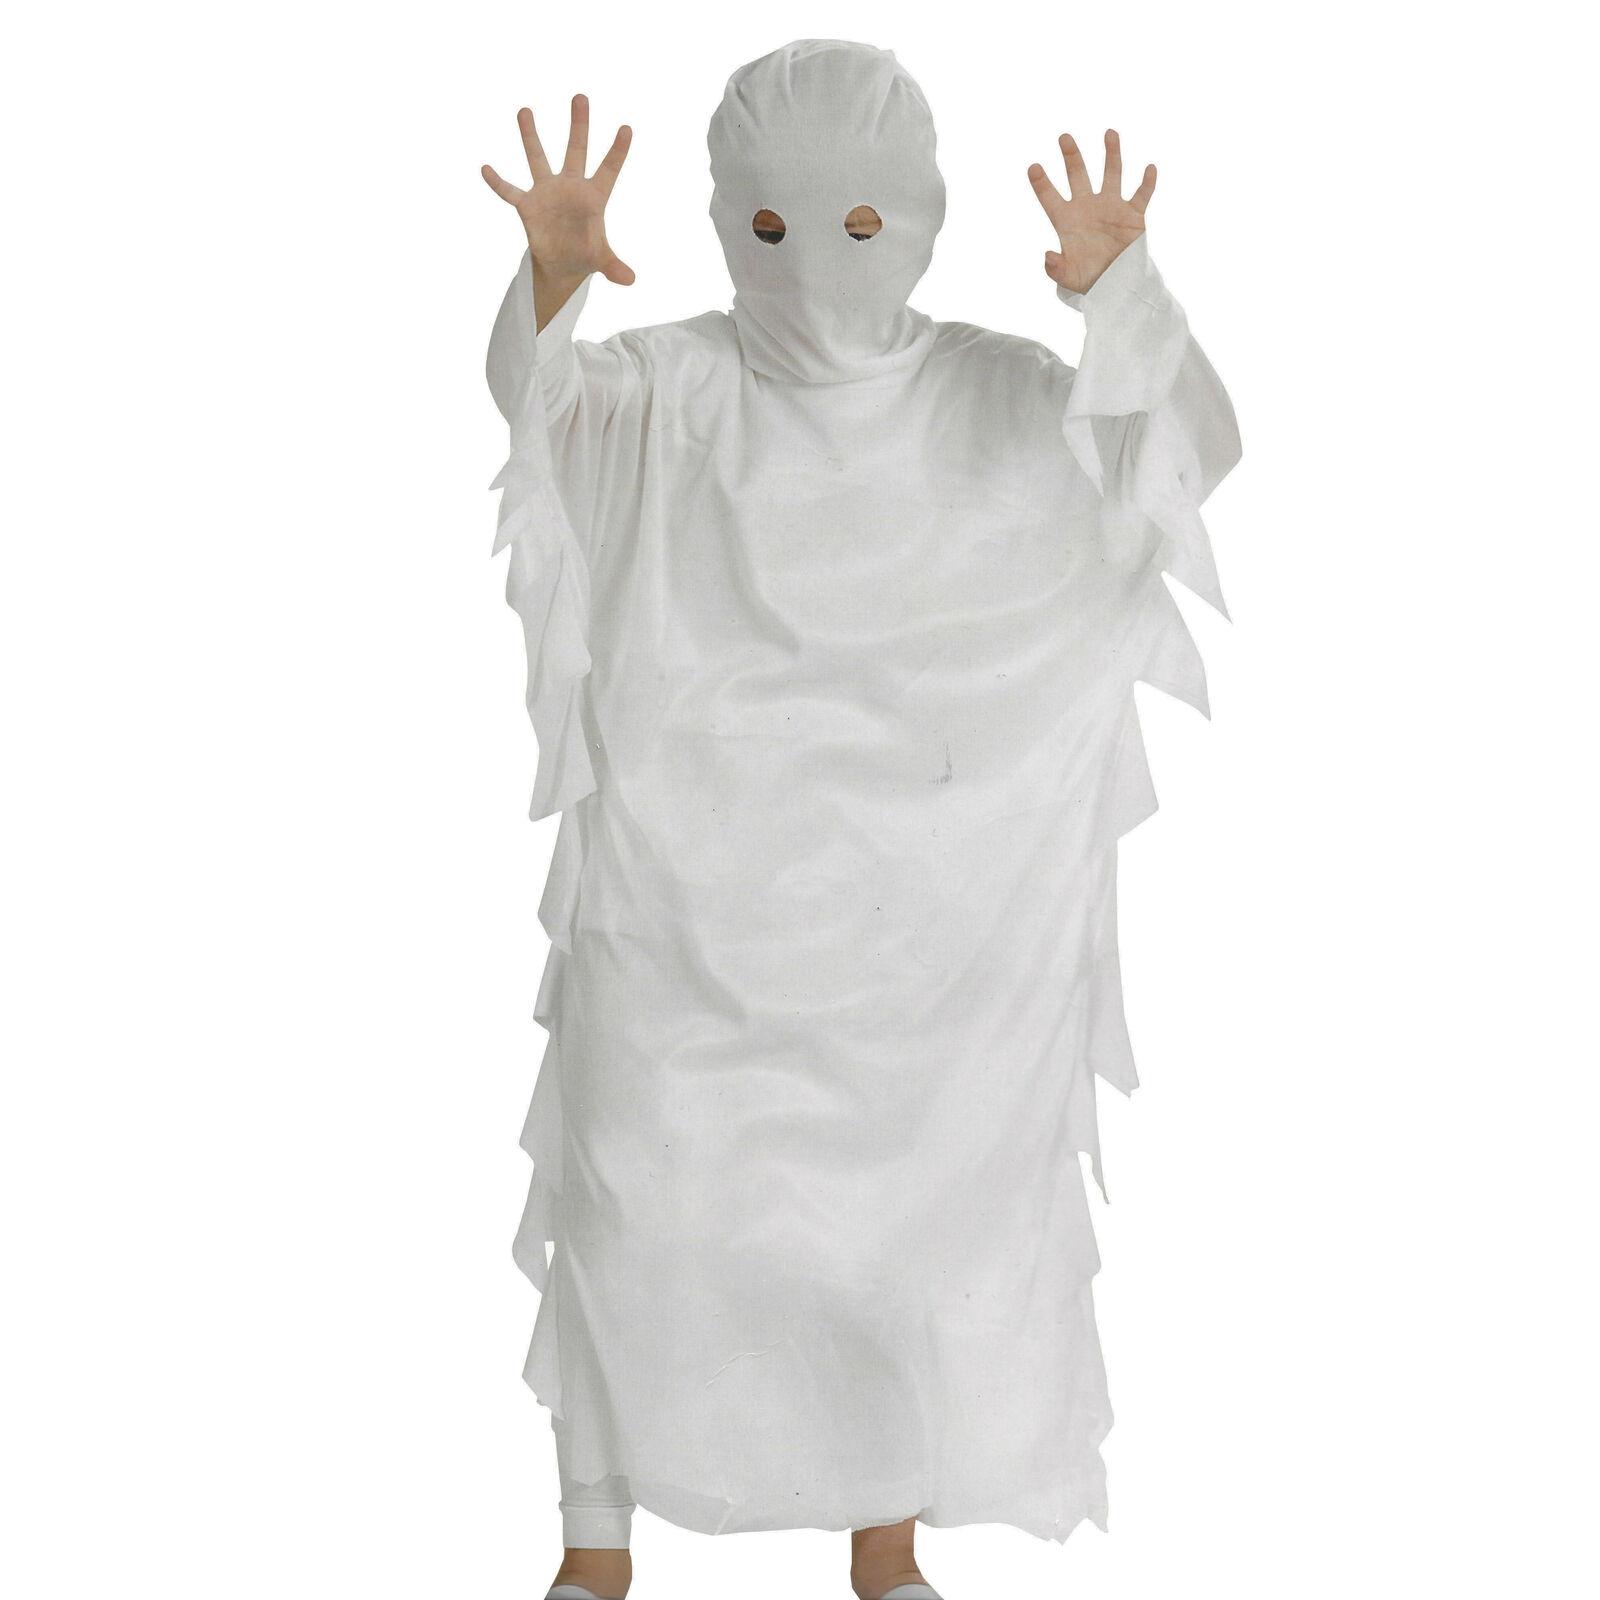 Geist Kinder Halloween Karneval Kostüm Gespenst Horror Geisterkostüm Weiß